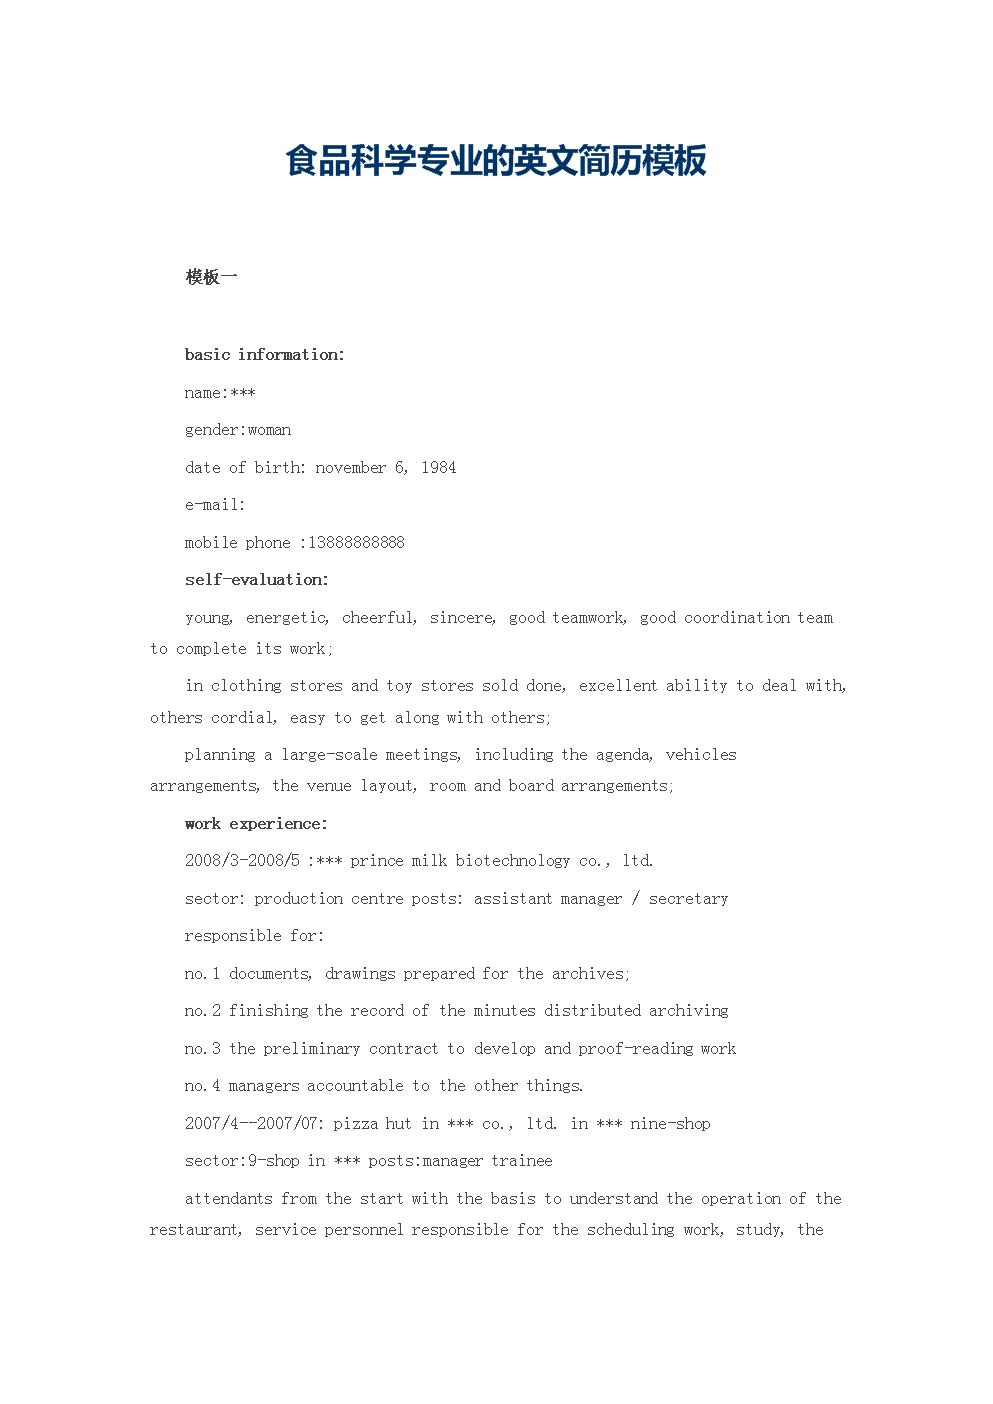 食品科学专业的英文简历模板.docx